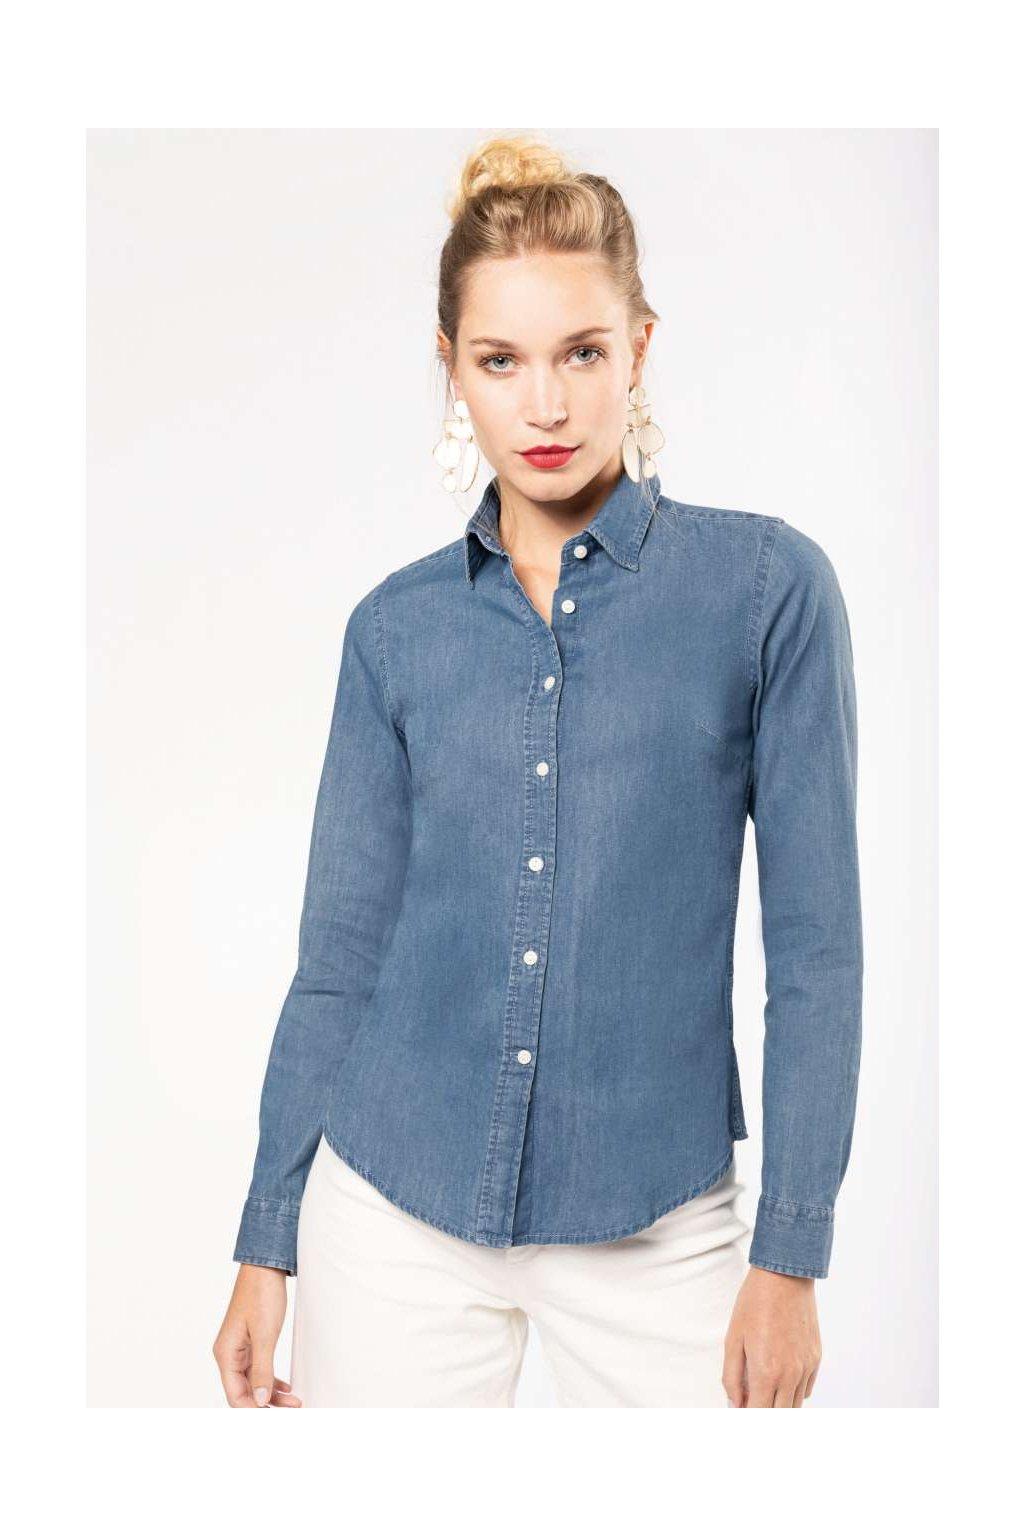 Dámská džínová košile Kariban